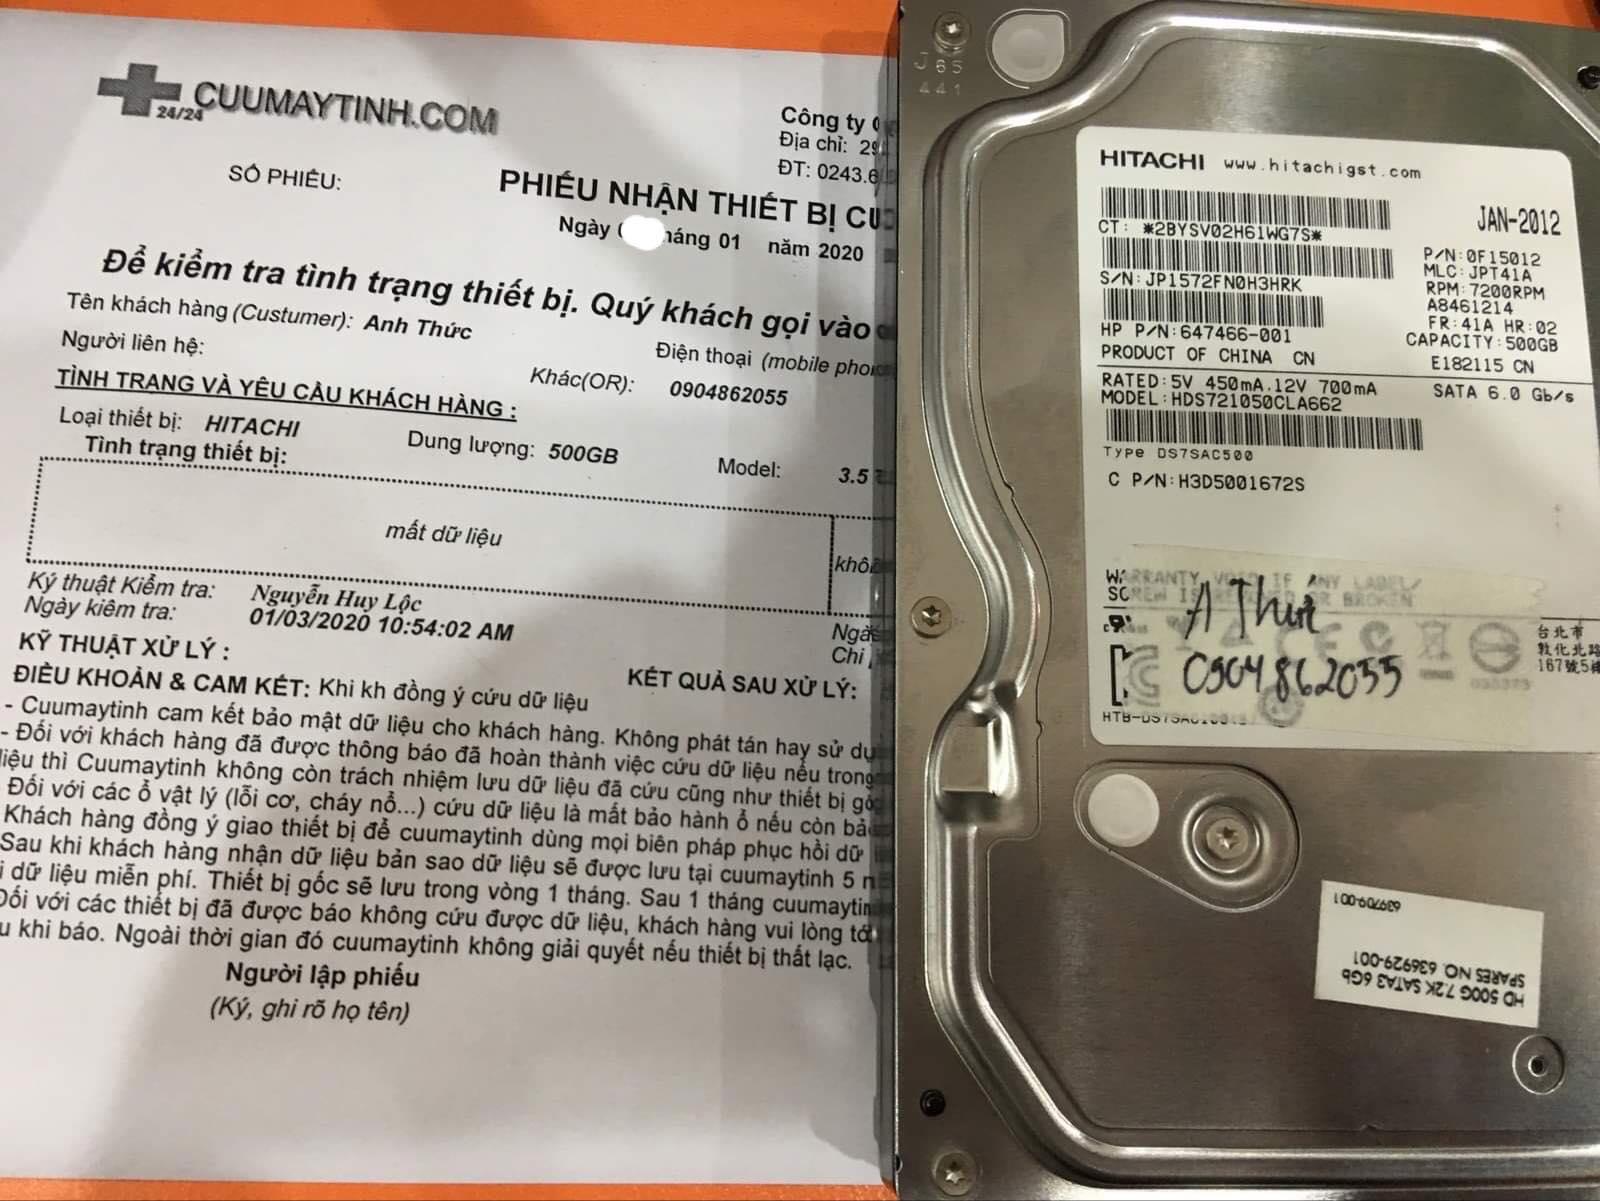 Lấy dữ liệu ổ cứng Hitachi 500GB format nhầm 10/01/2020 - cuumaytinh